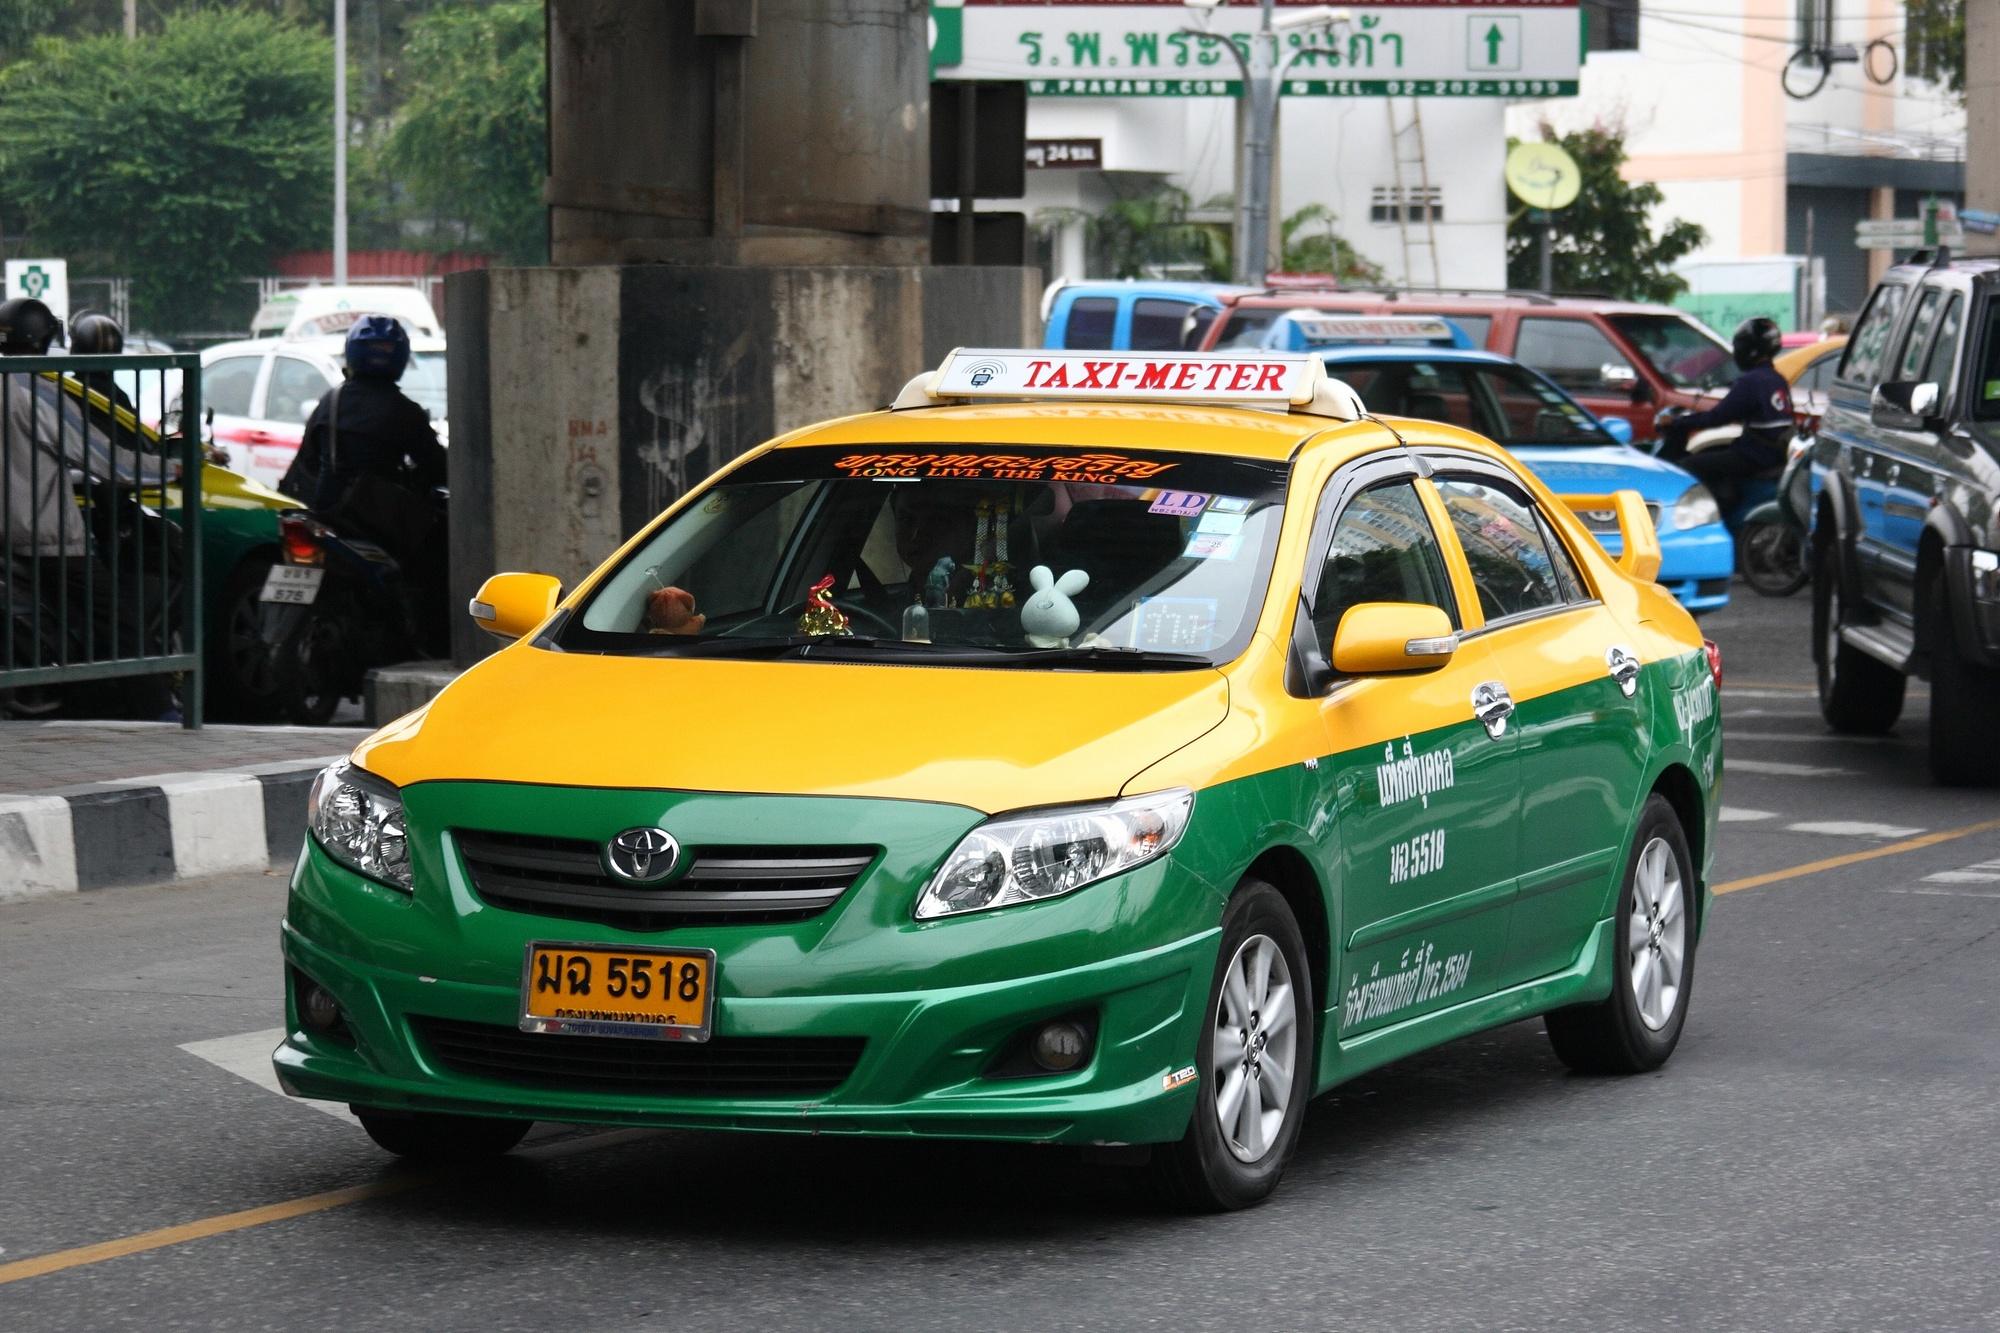 taxi-meter_in_bangkok_04